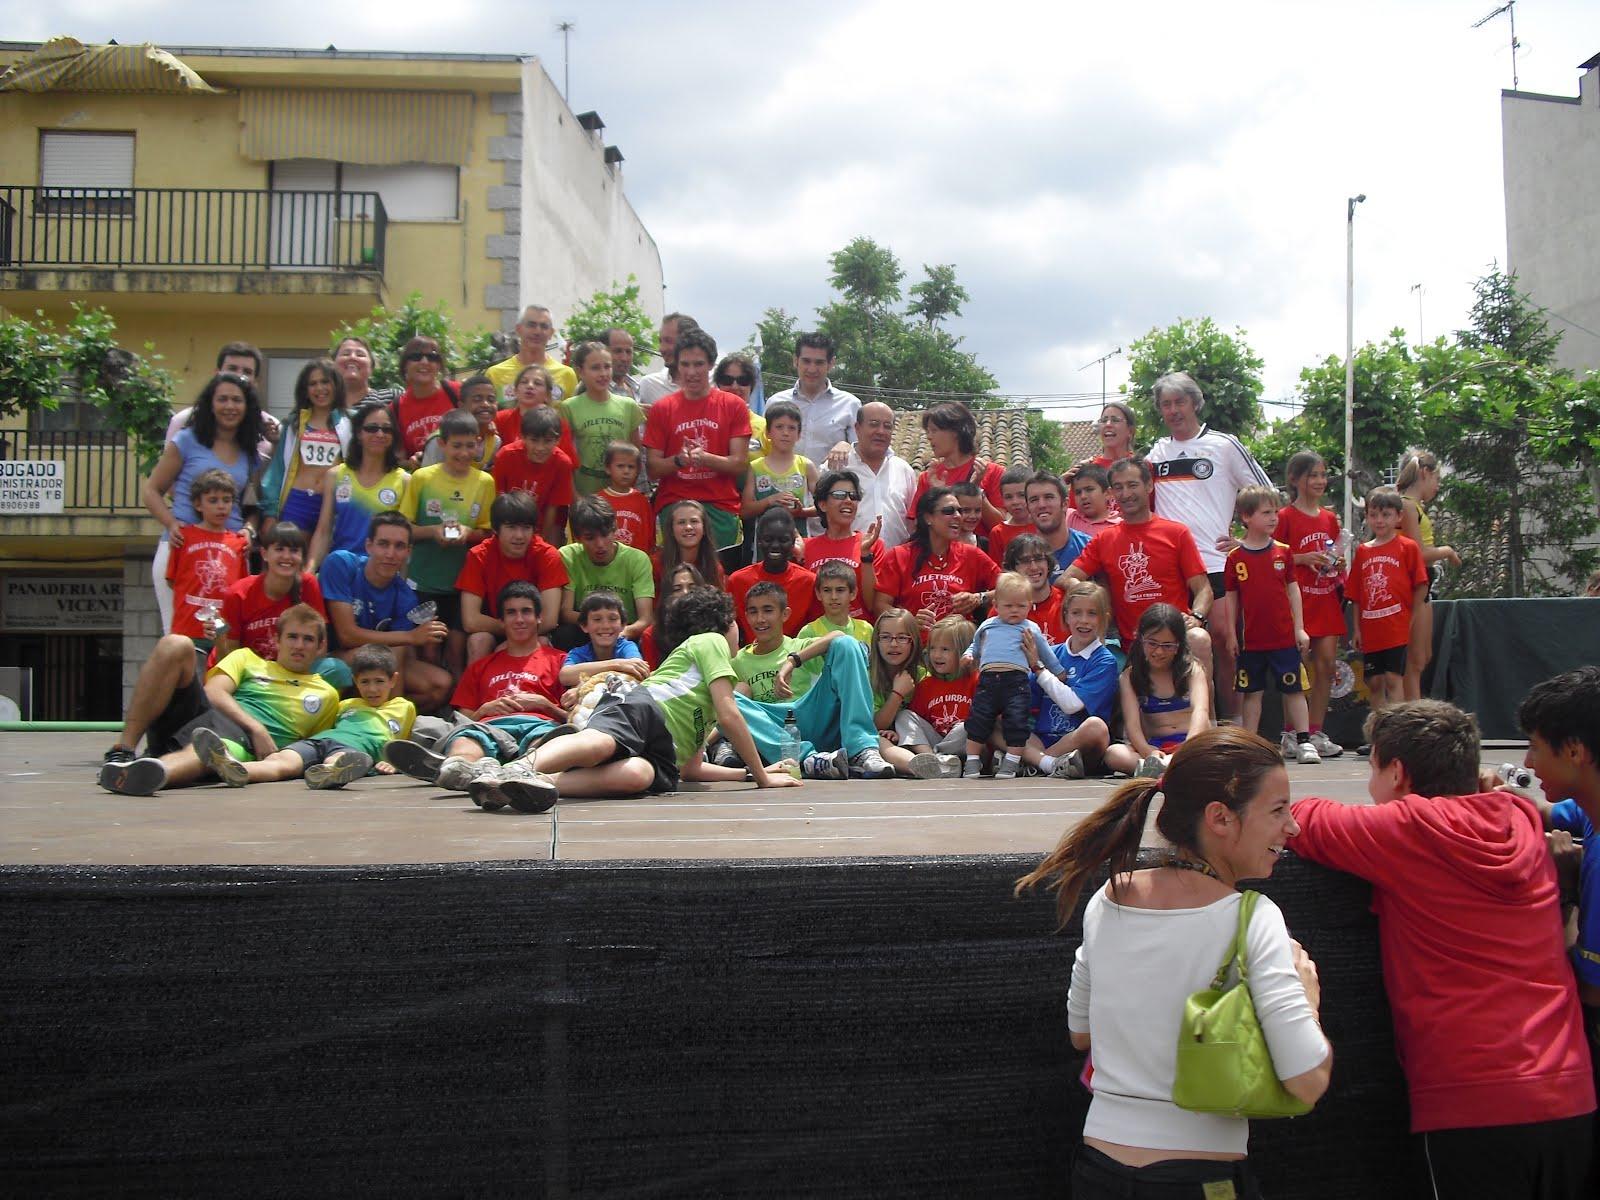 Club De Atletismo Las Ardillas De El Escorial Xiii Milla